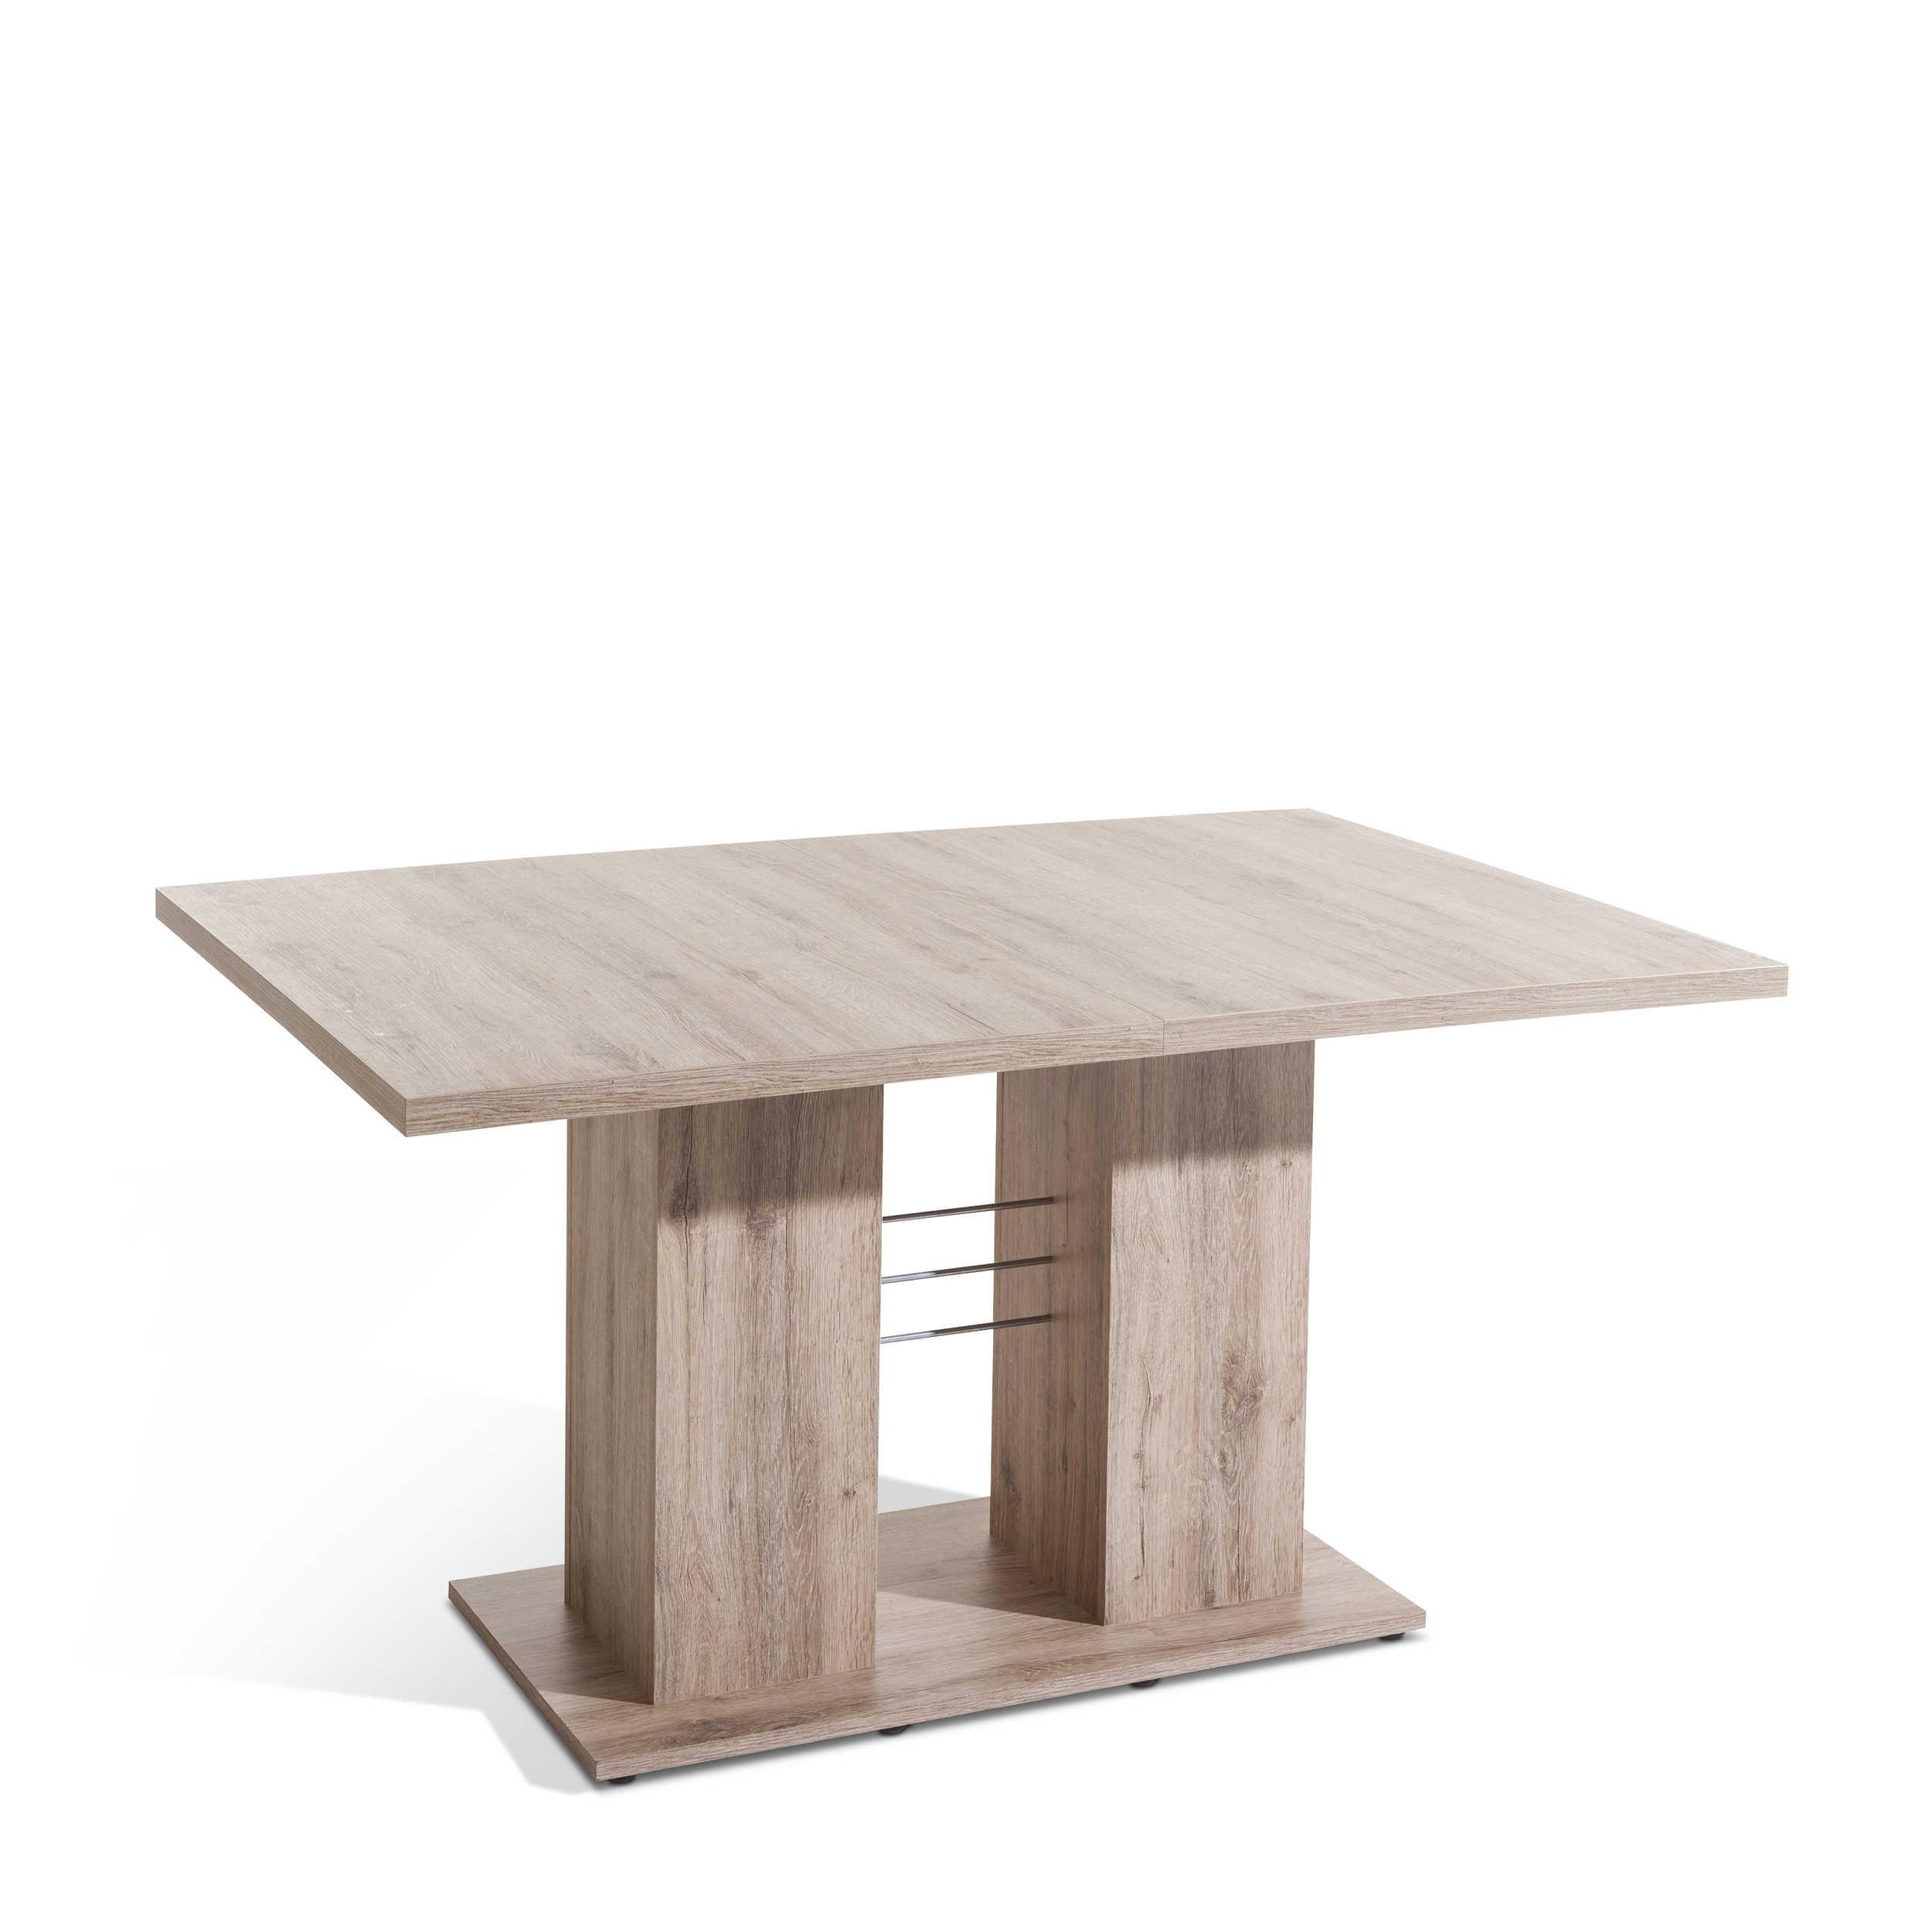 m usbacher esstisch mit auszug cabana 140 180 x 76 cm eiche holzoptik online kaufen bei woonio. Black Bedroom Furniture Sets. Home Design Ideas